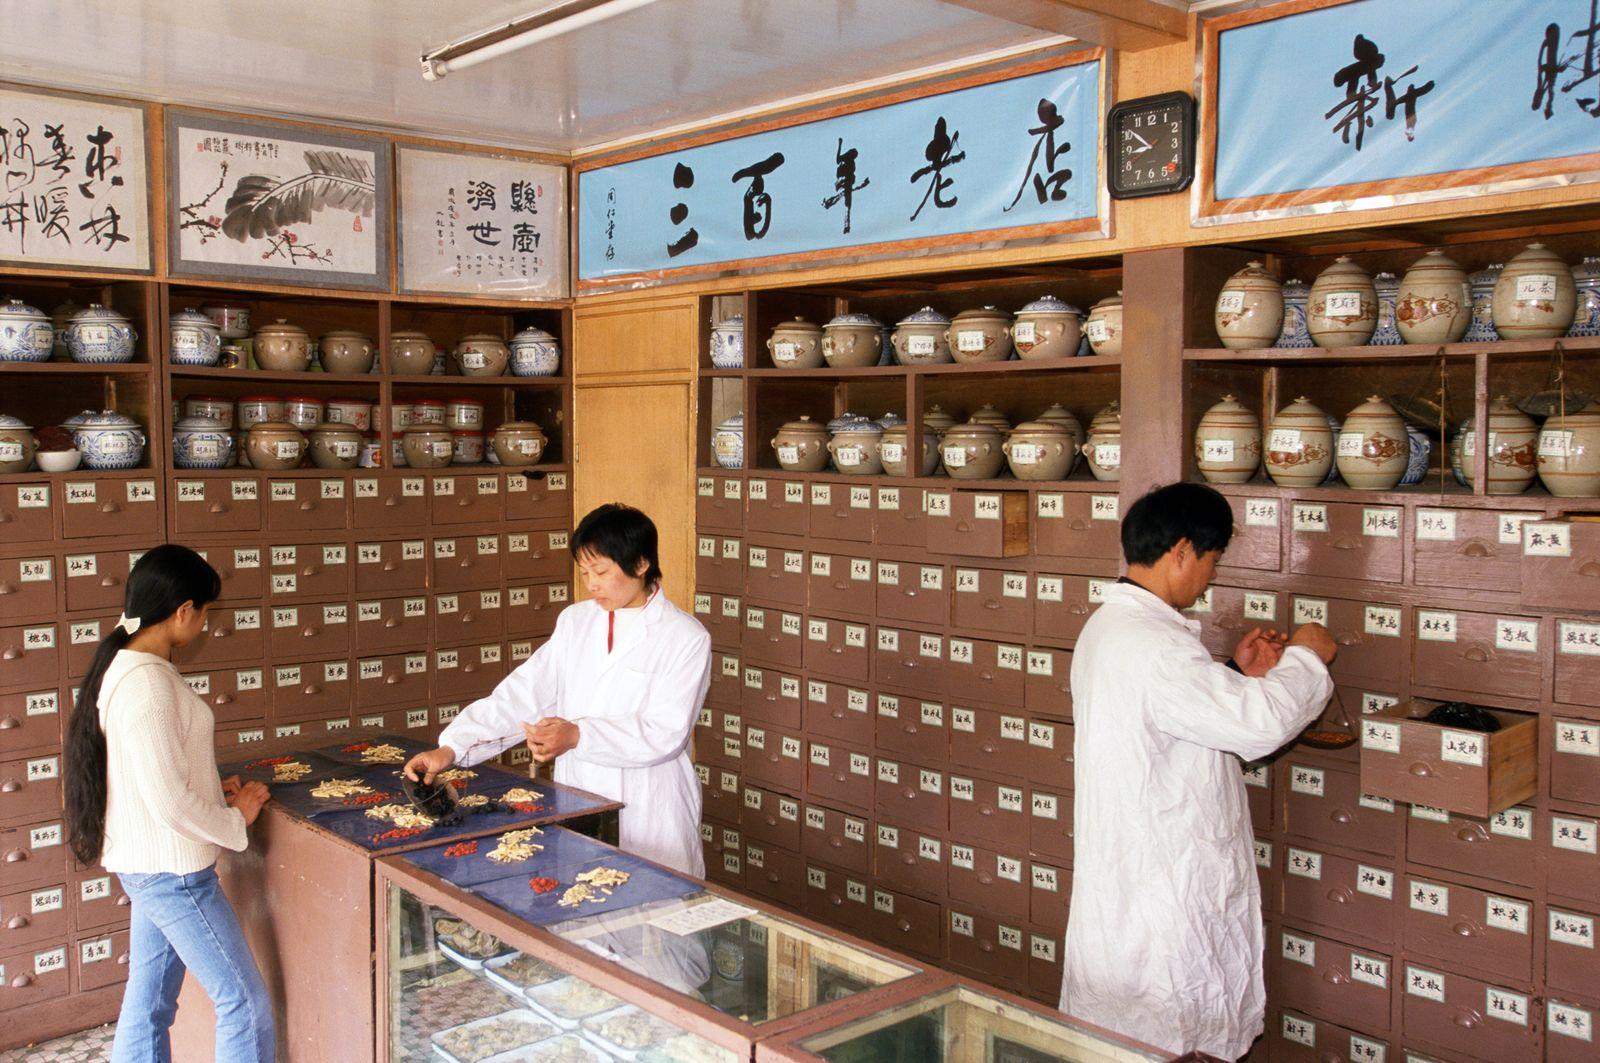 NICHT MEHR VERWENDEN! - China / Kräuter / Medizin / Tradition